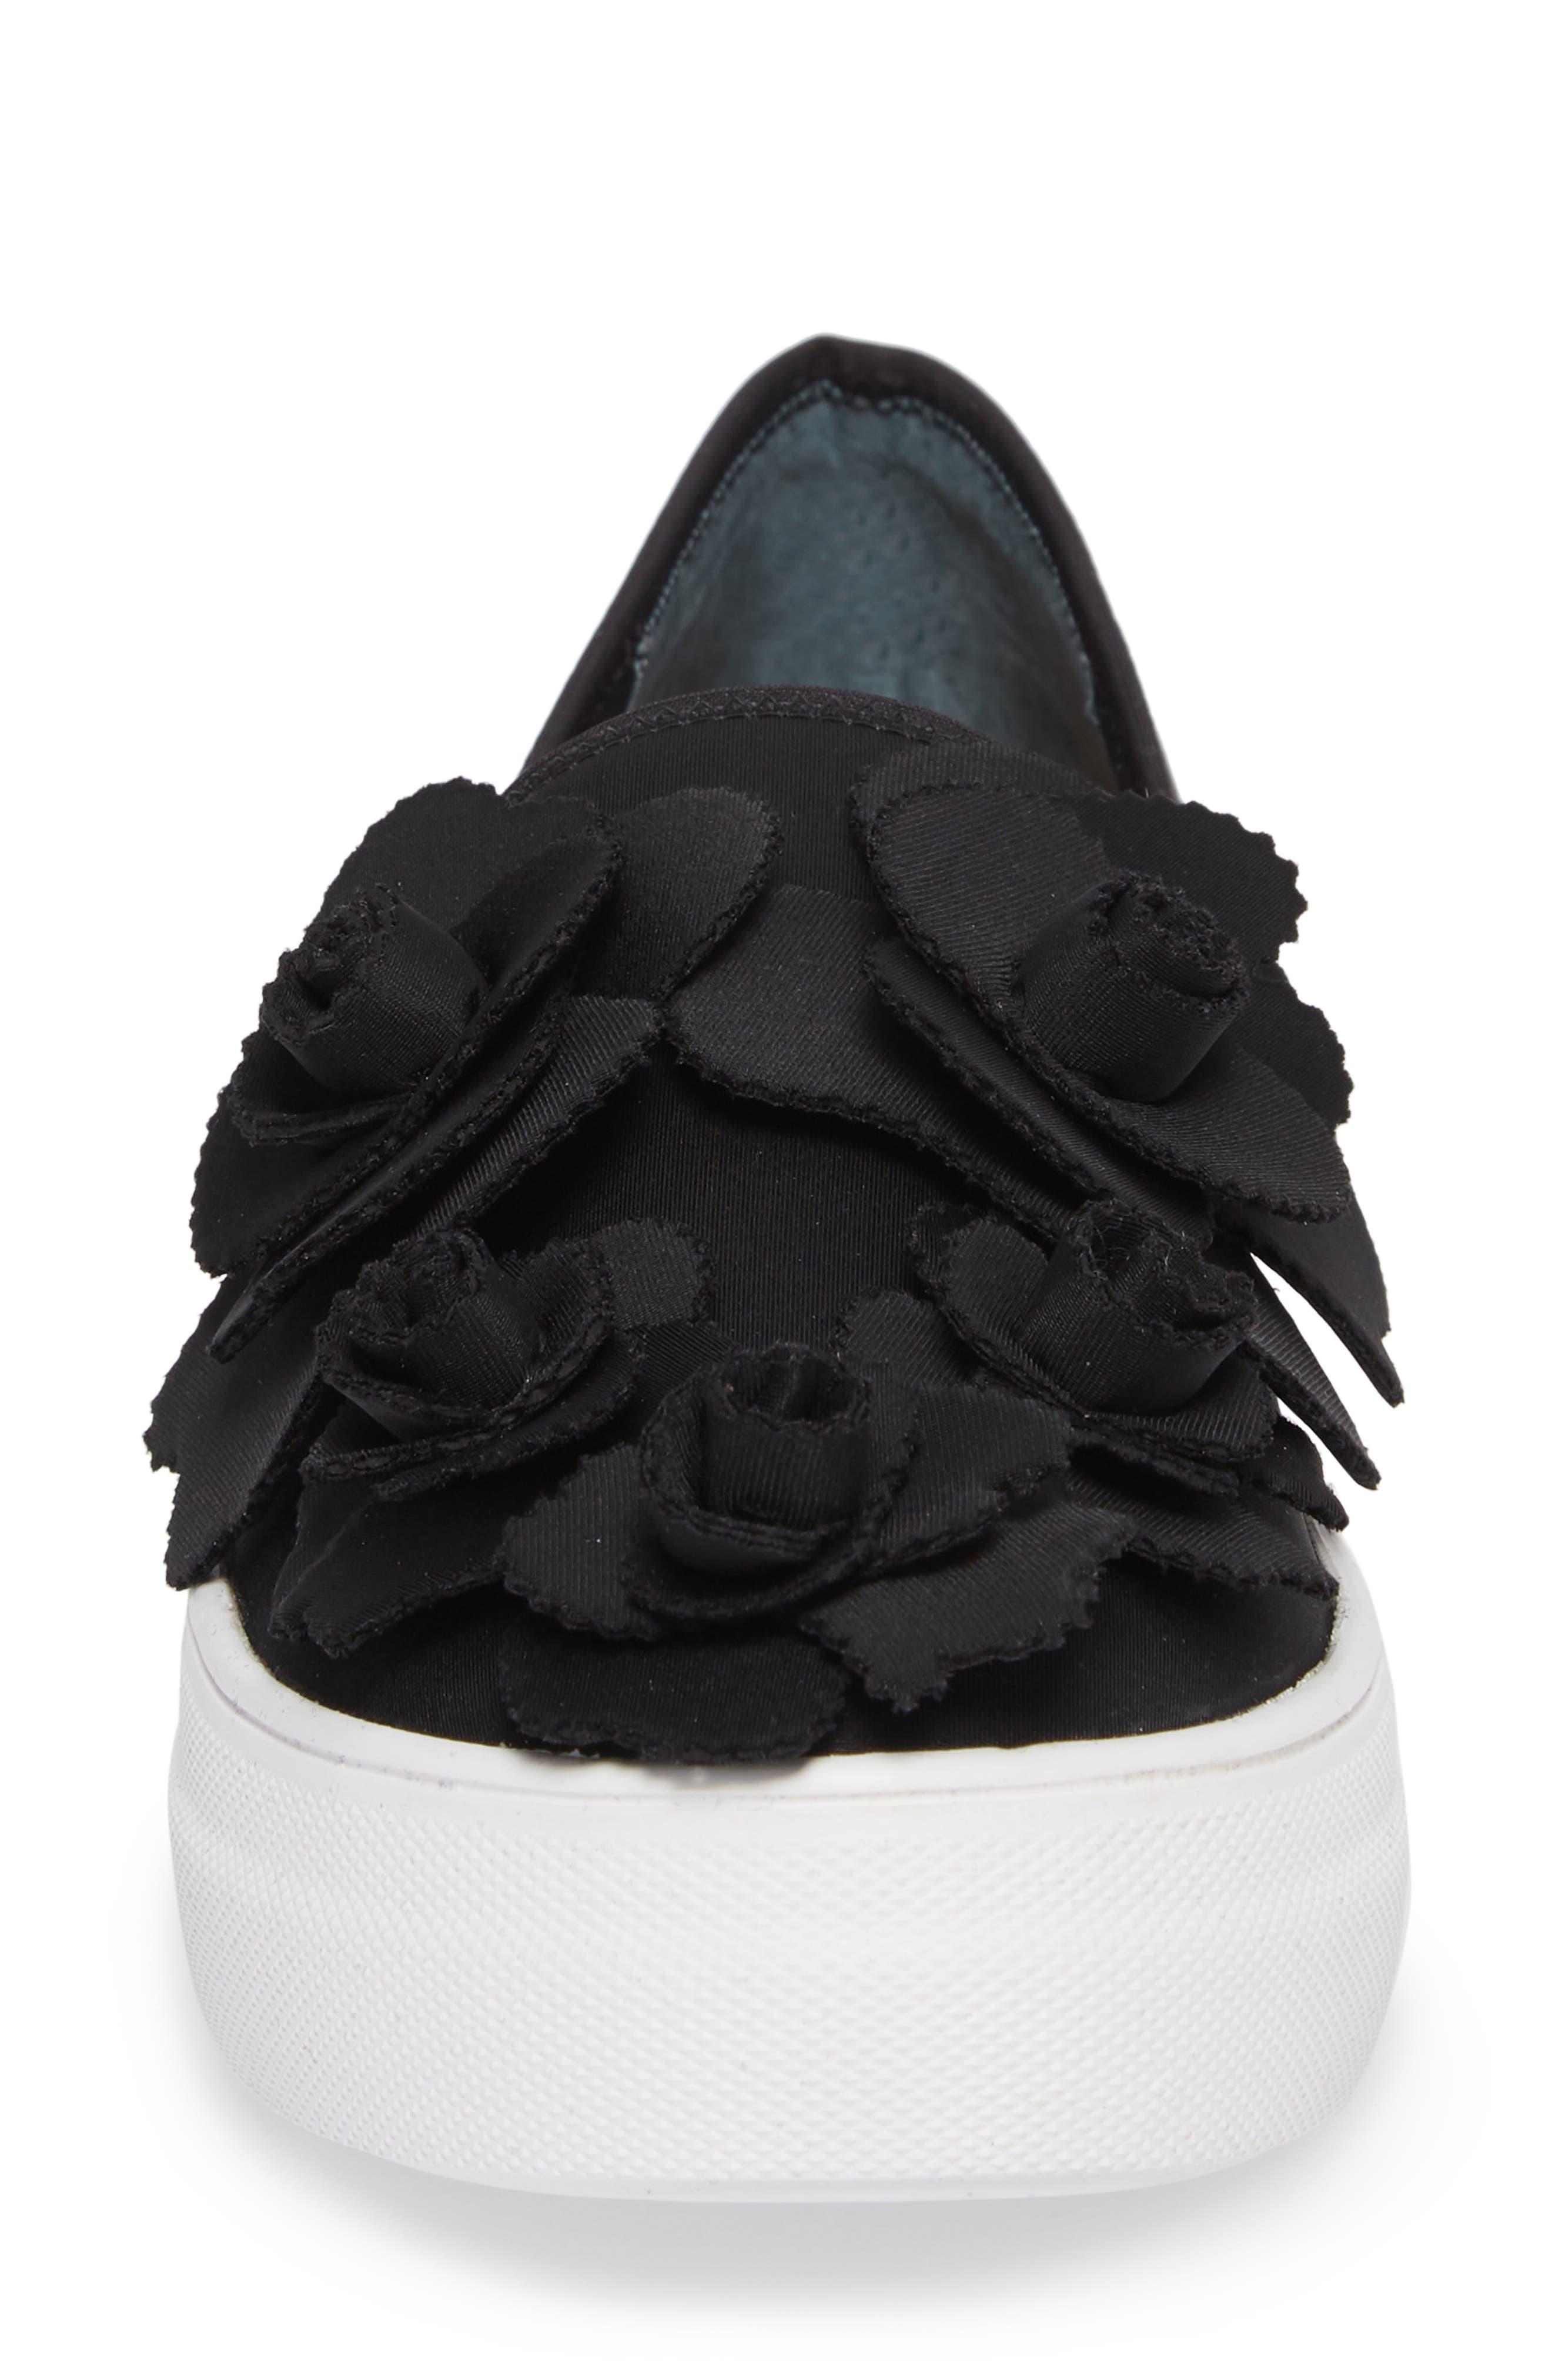 Alden Floral Embellished Slip-On Sneaker,                             Alternate thumbnail 4, color,                             001